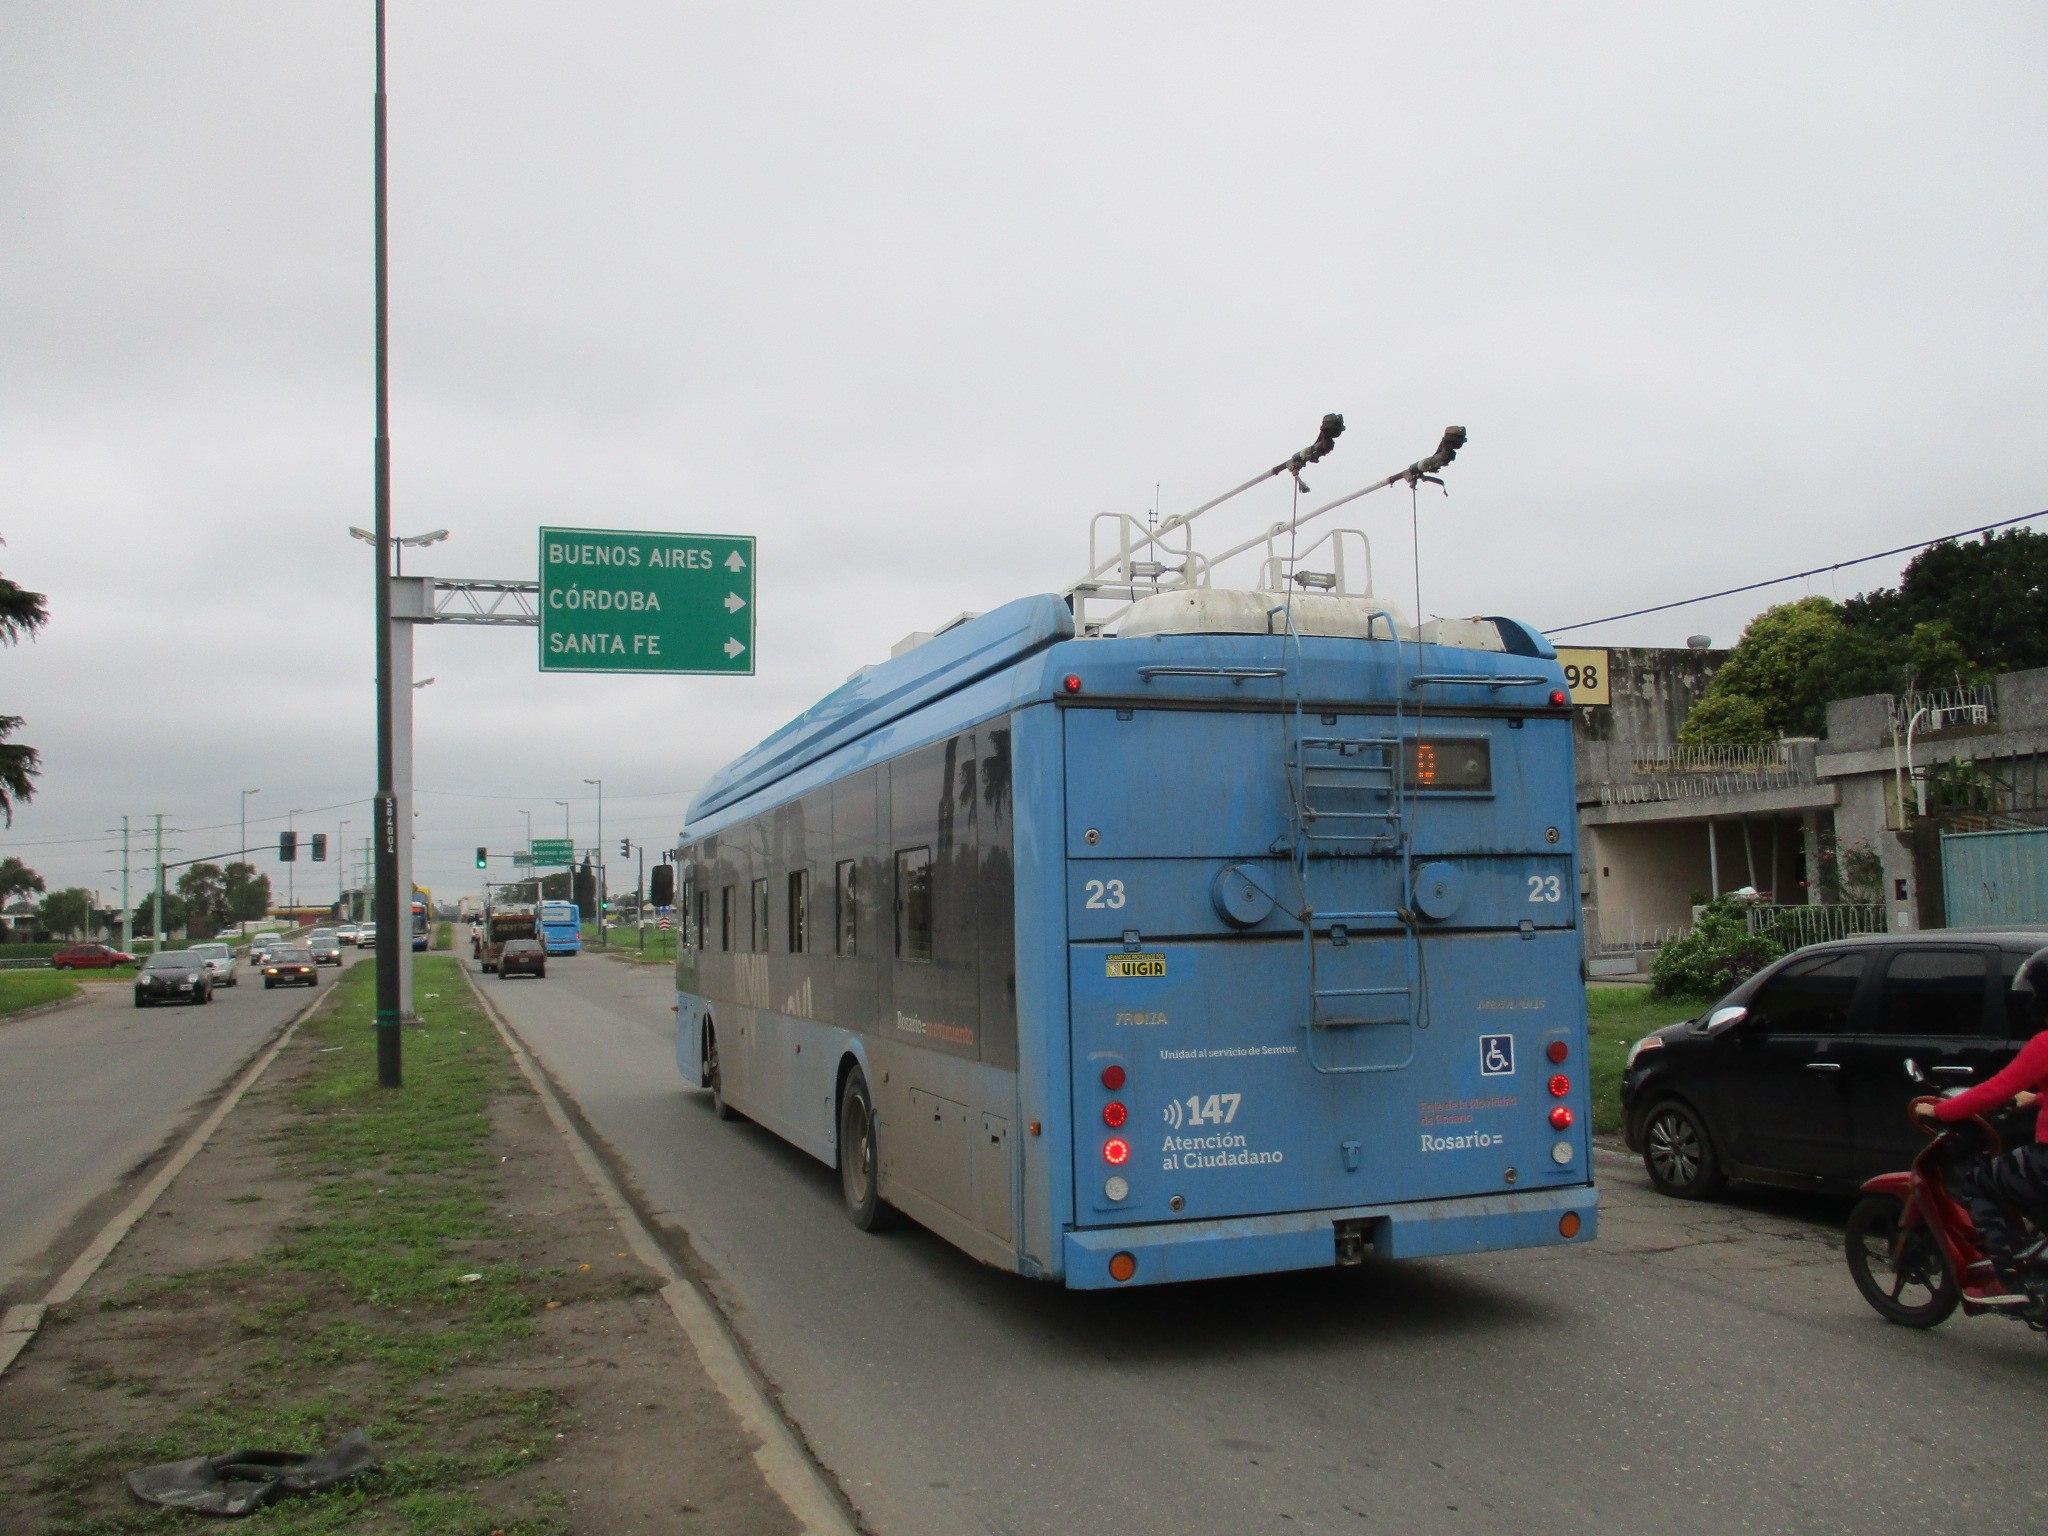 Российские троллейбусы в Аргентине. Росарио